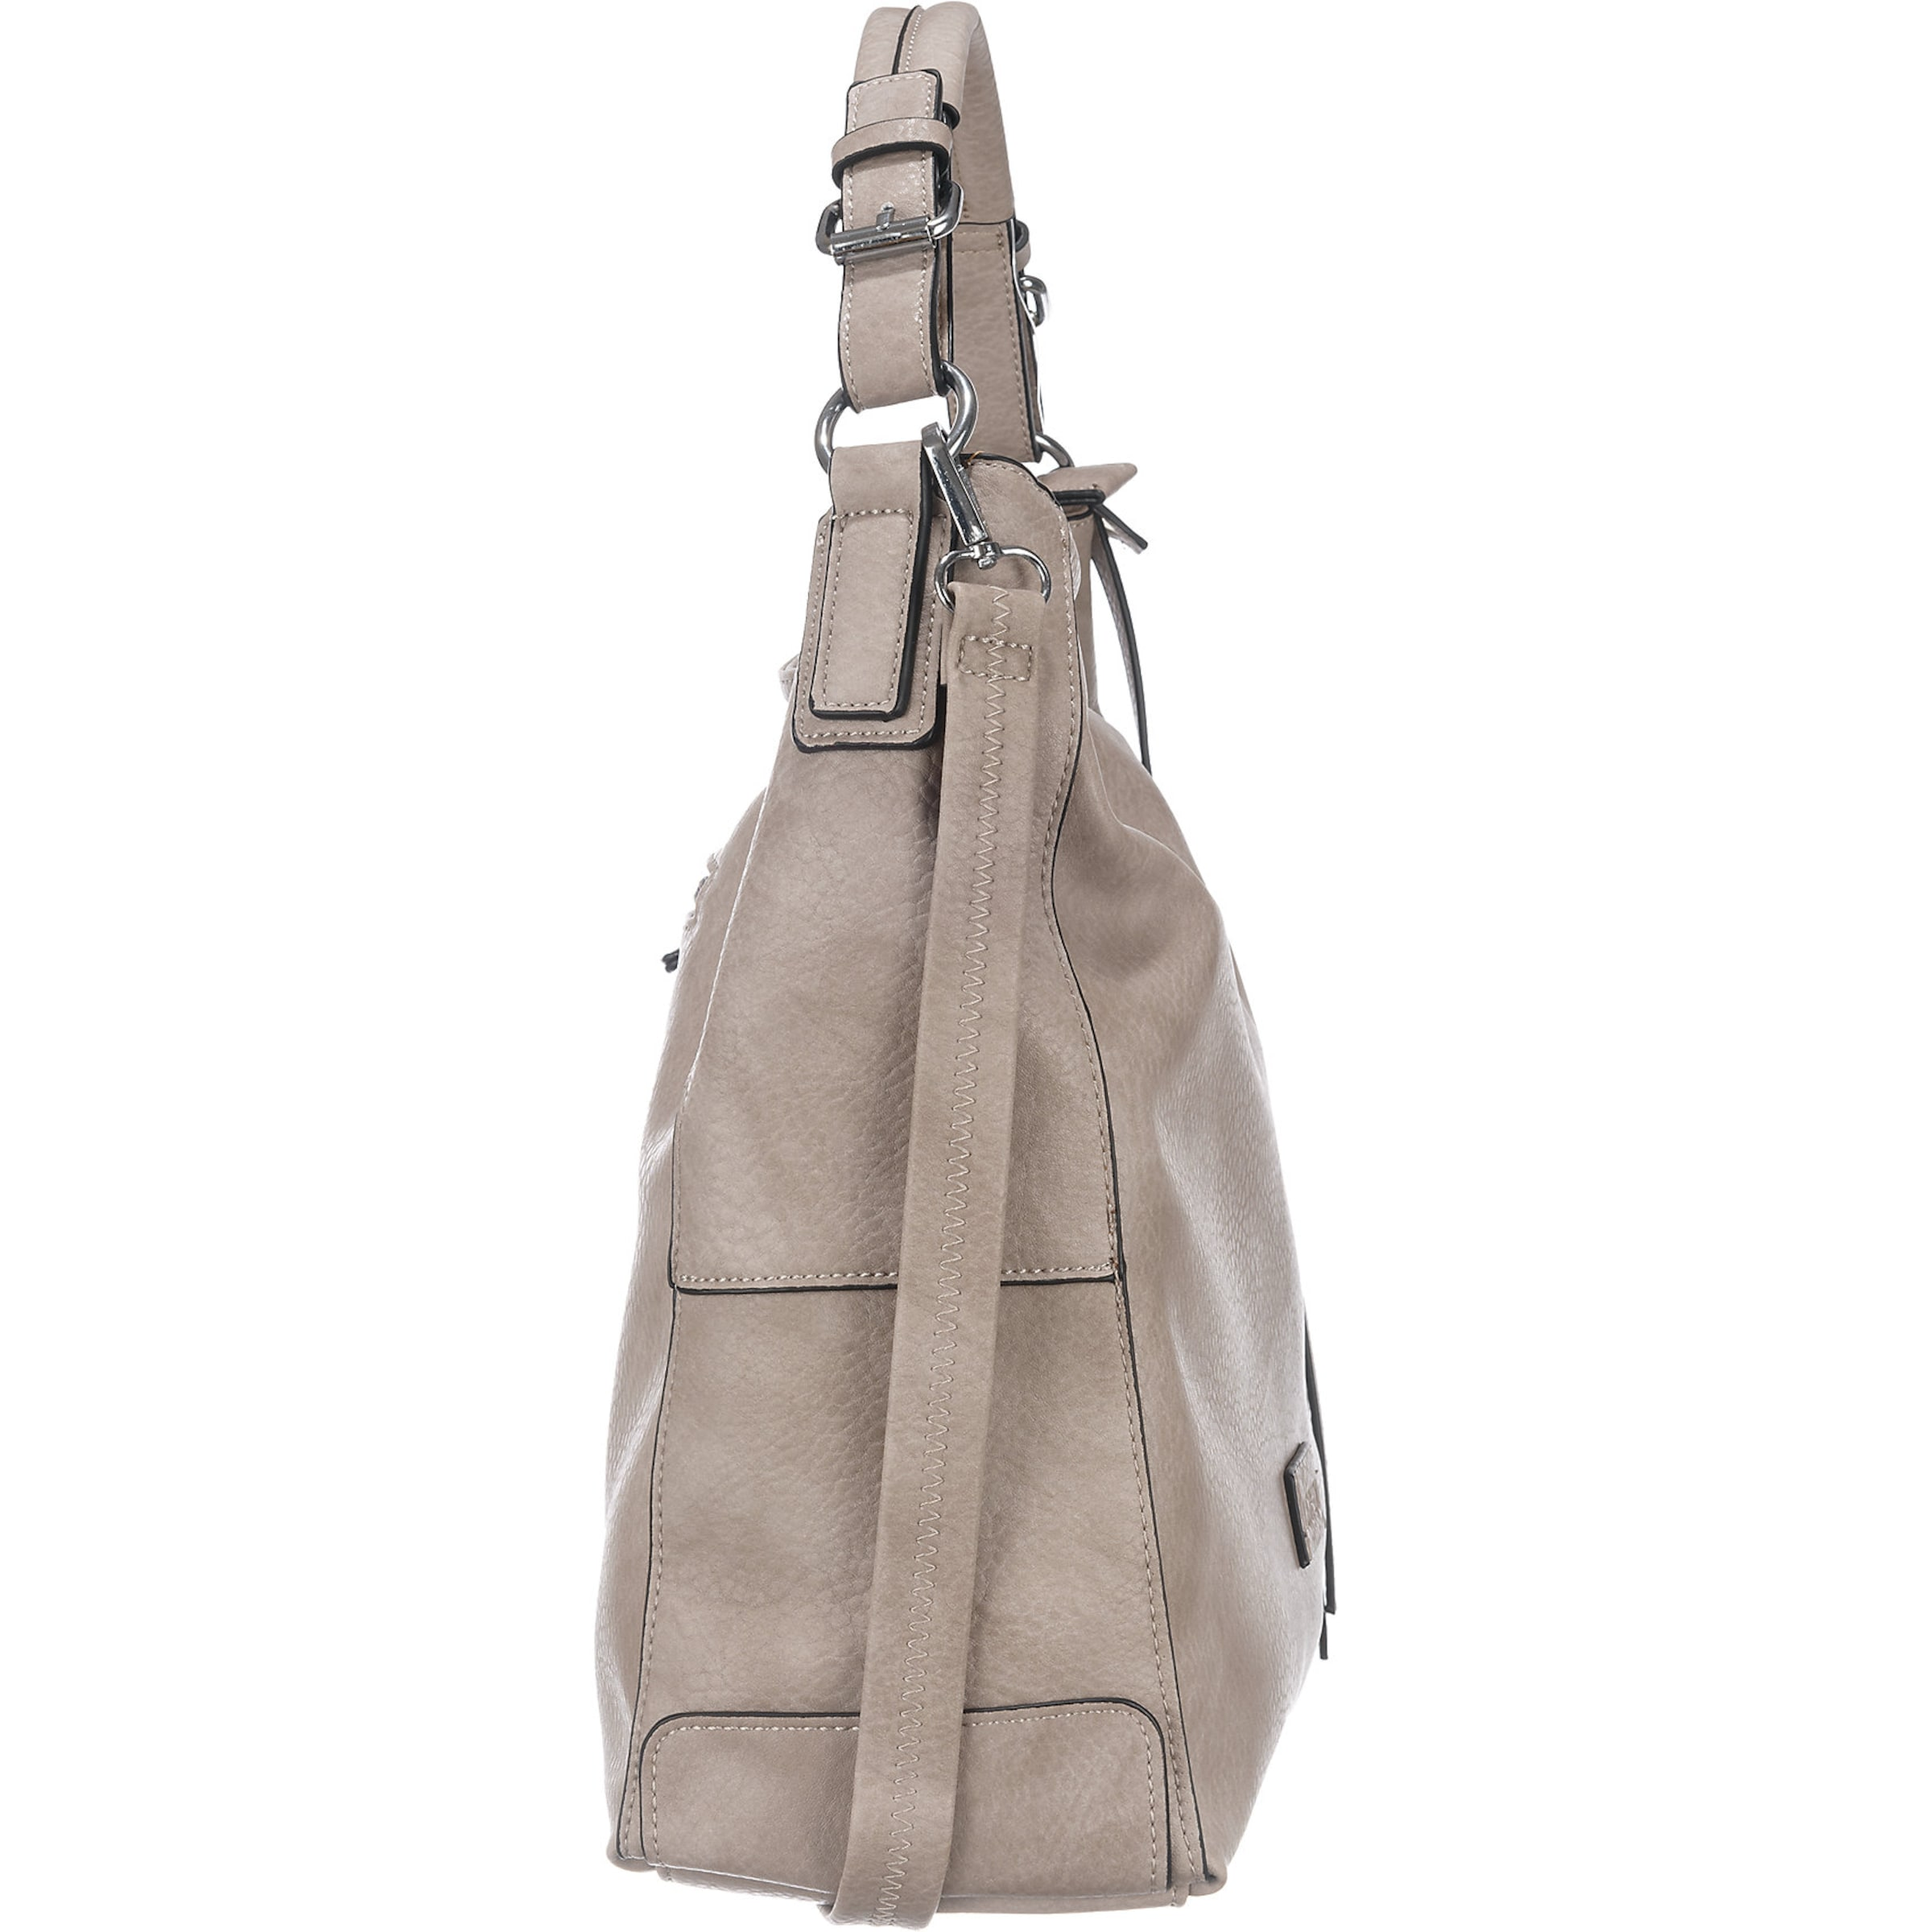 Erkunden Günstig Online Neuankömmling L.CREDI 'Venezia' Handtasche Beliebte Online-Verkauf Günstig Kaufen Rabatte jYLPM8zTv